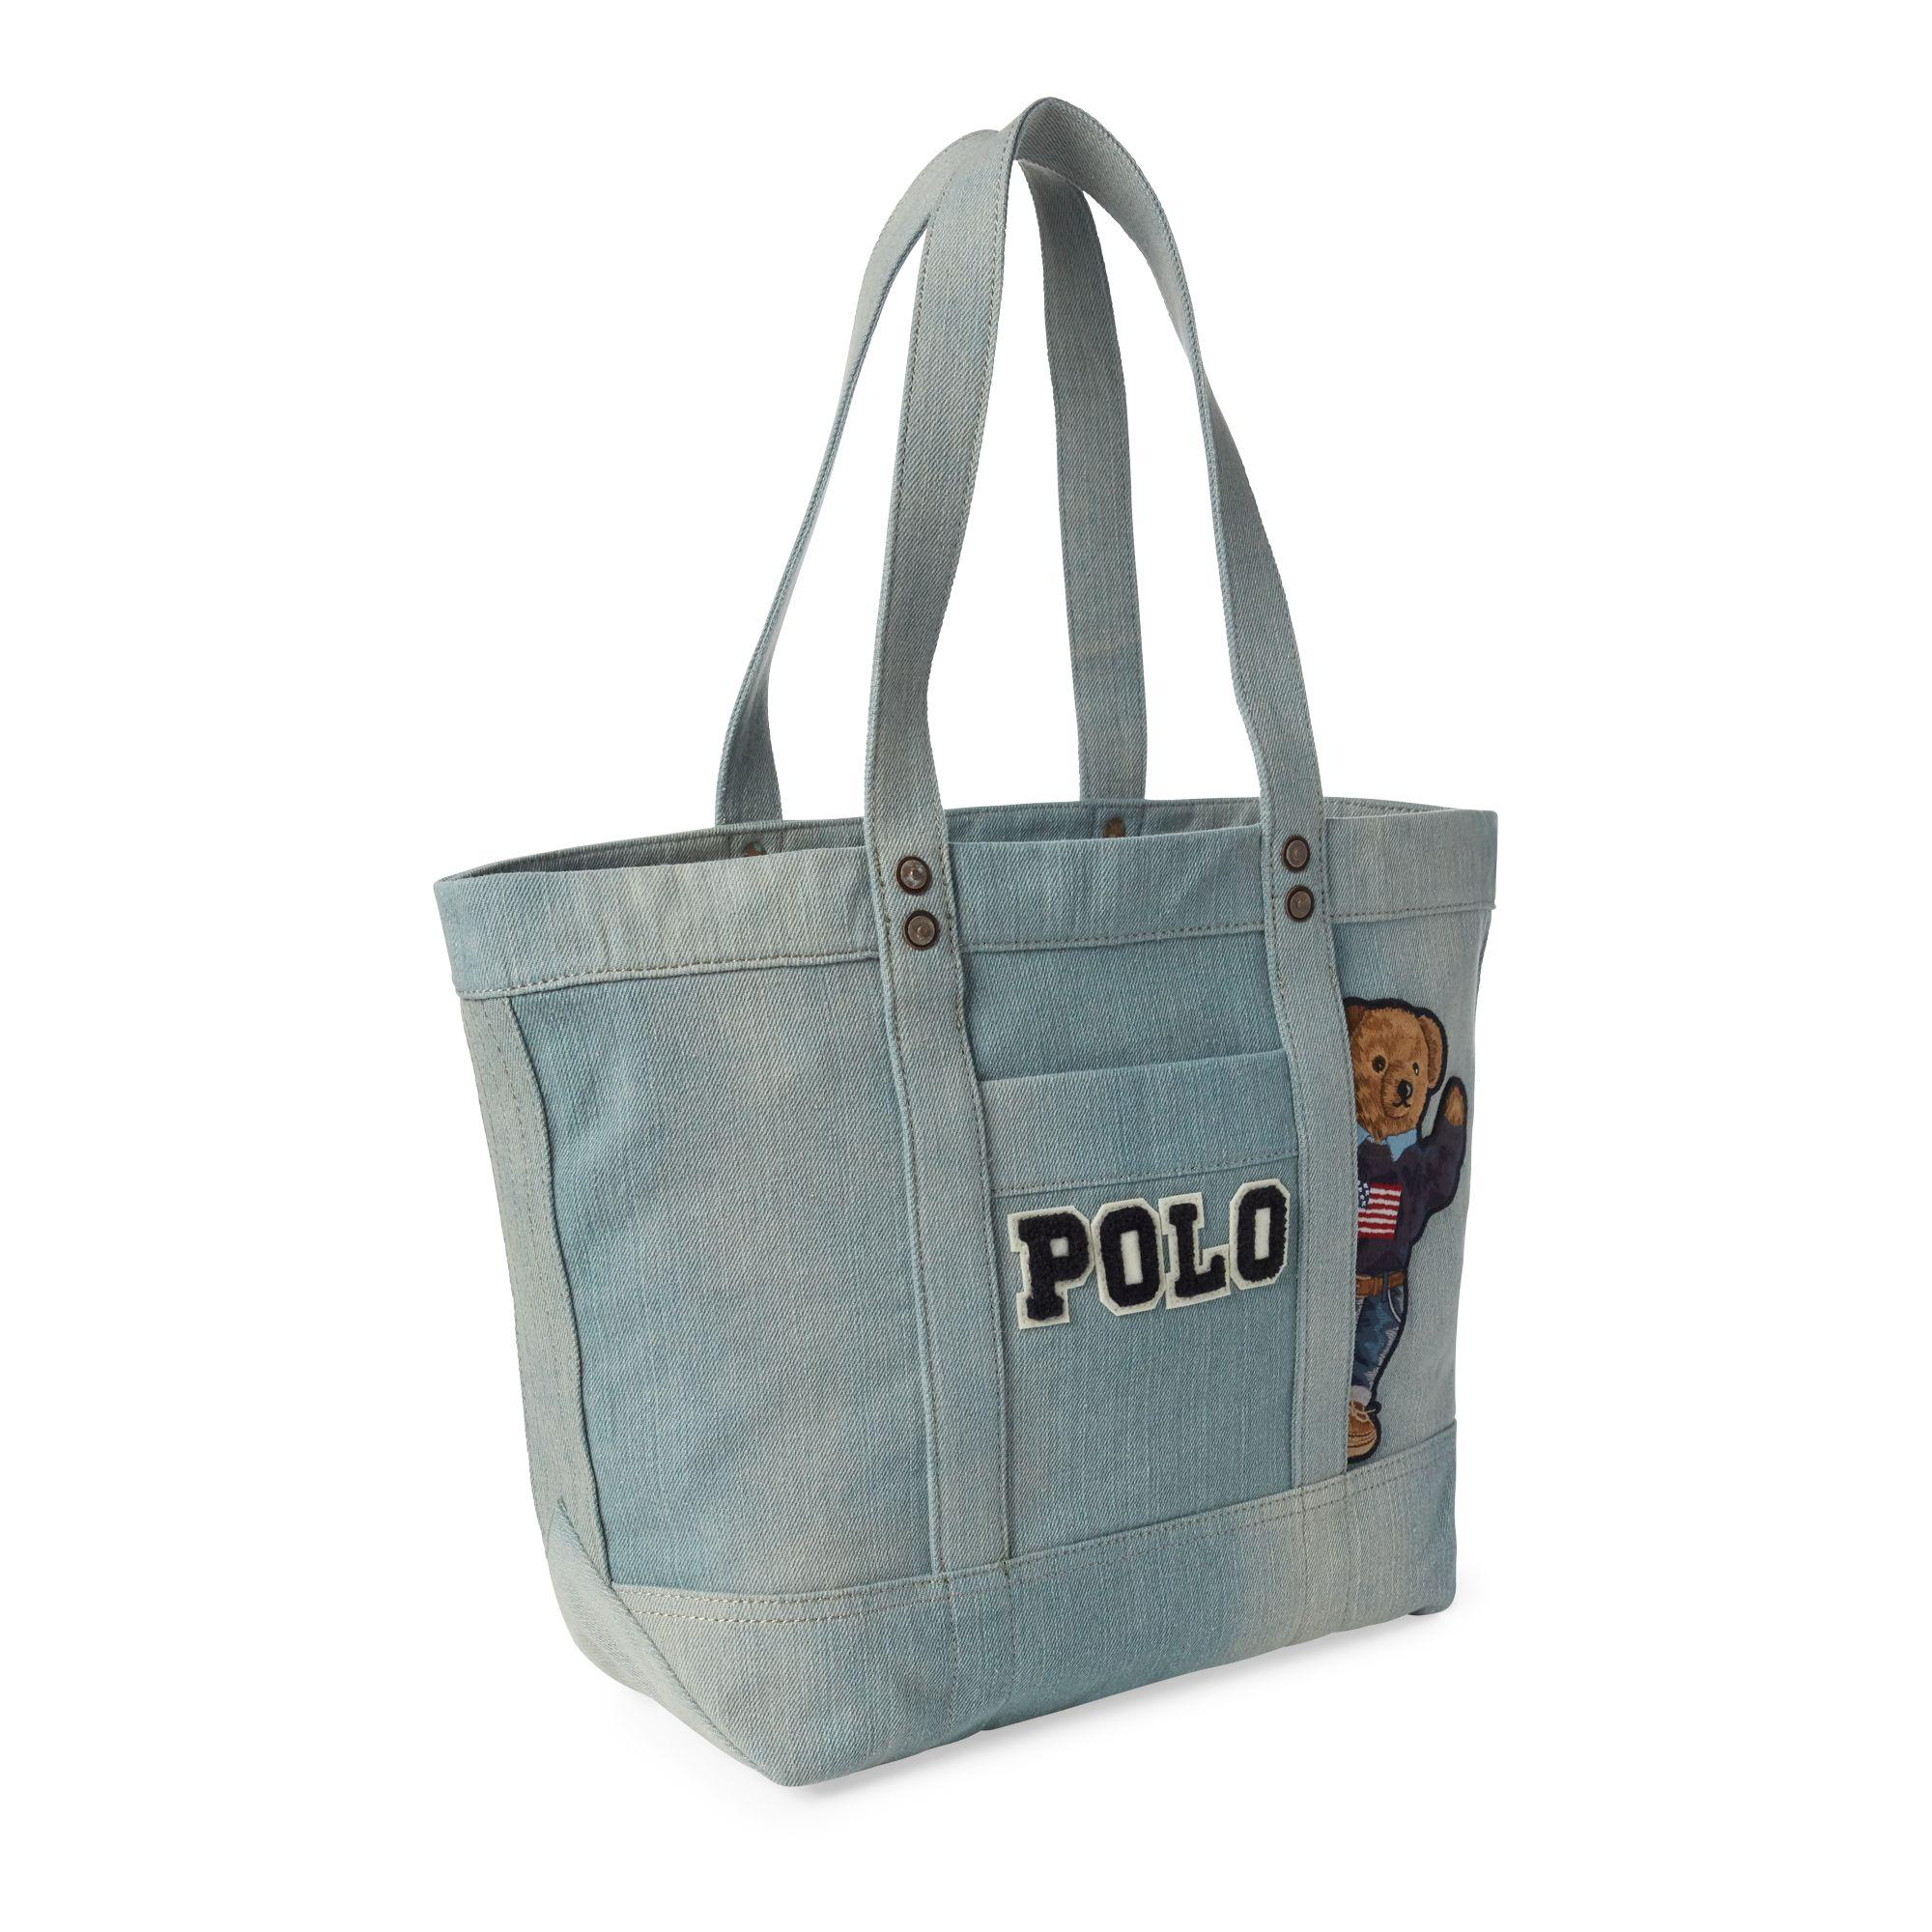 Polo Ralph Lauren - Blue Canvas Polo Bear Tote Bag - Lyst. View fullscreen 855df6133d